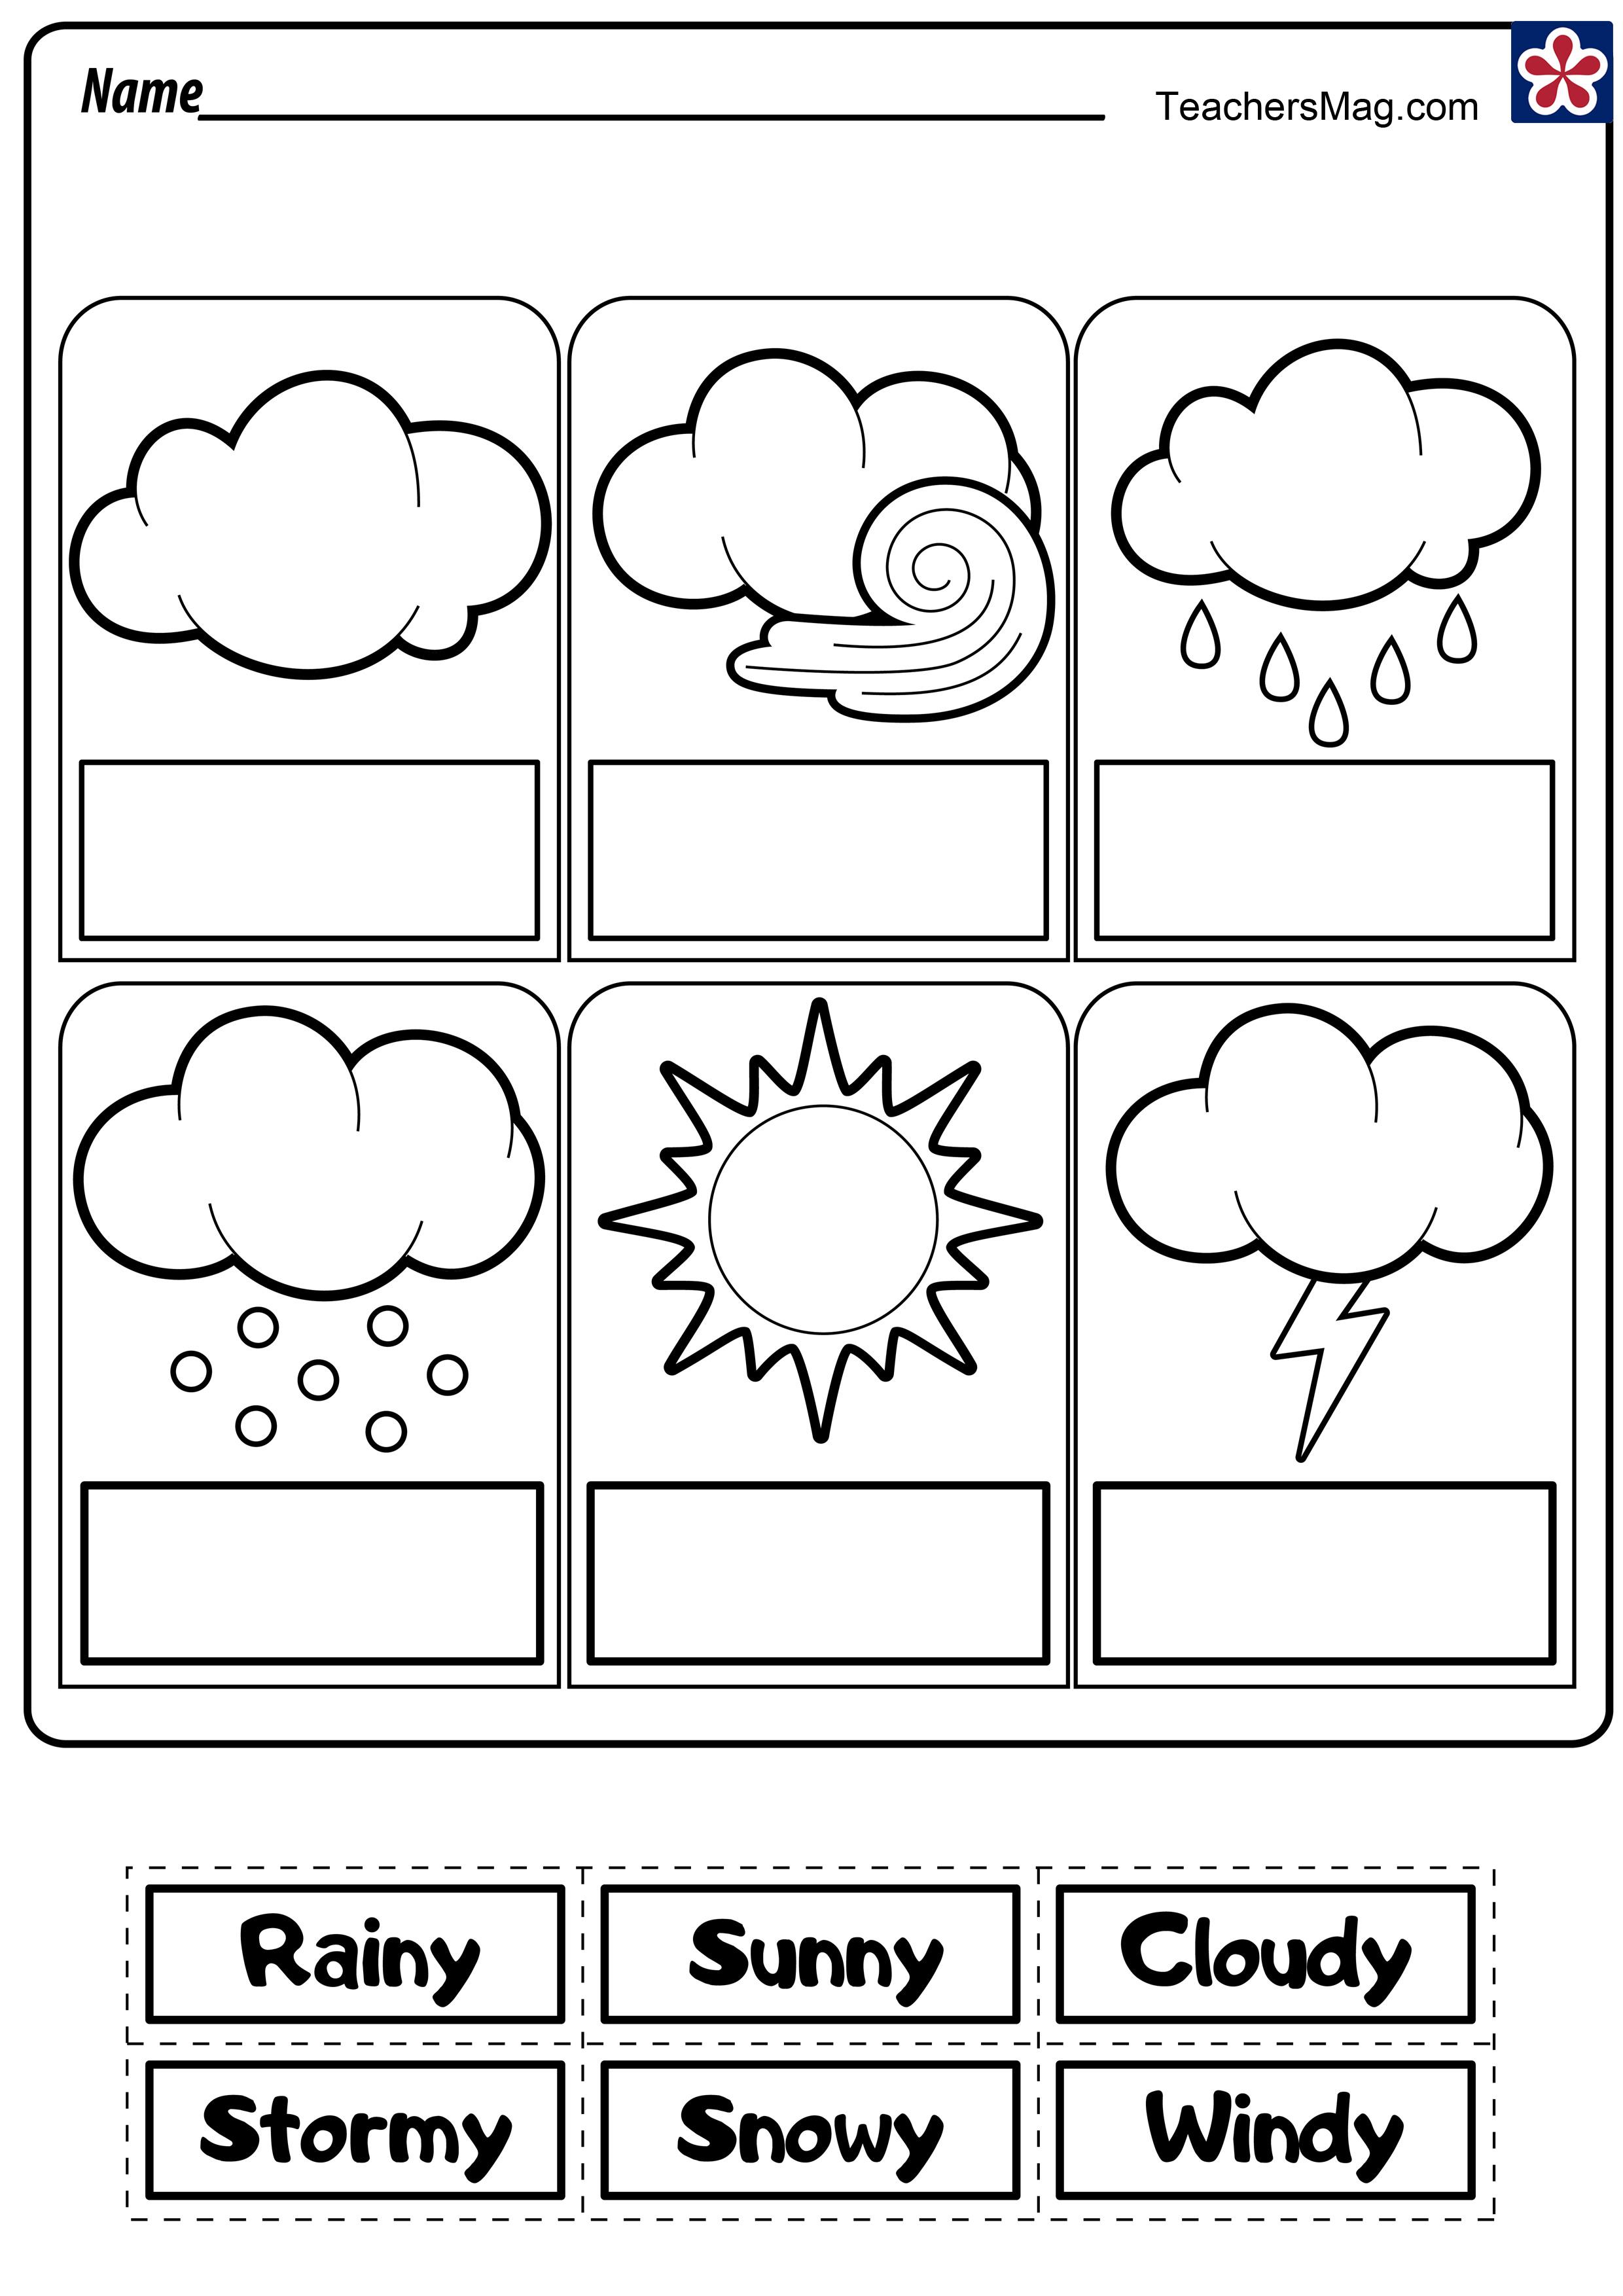 Weather Worksheets   TeachersMag.com